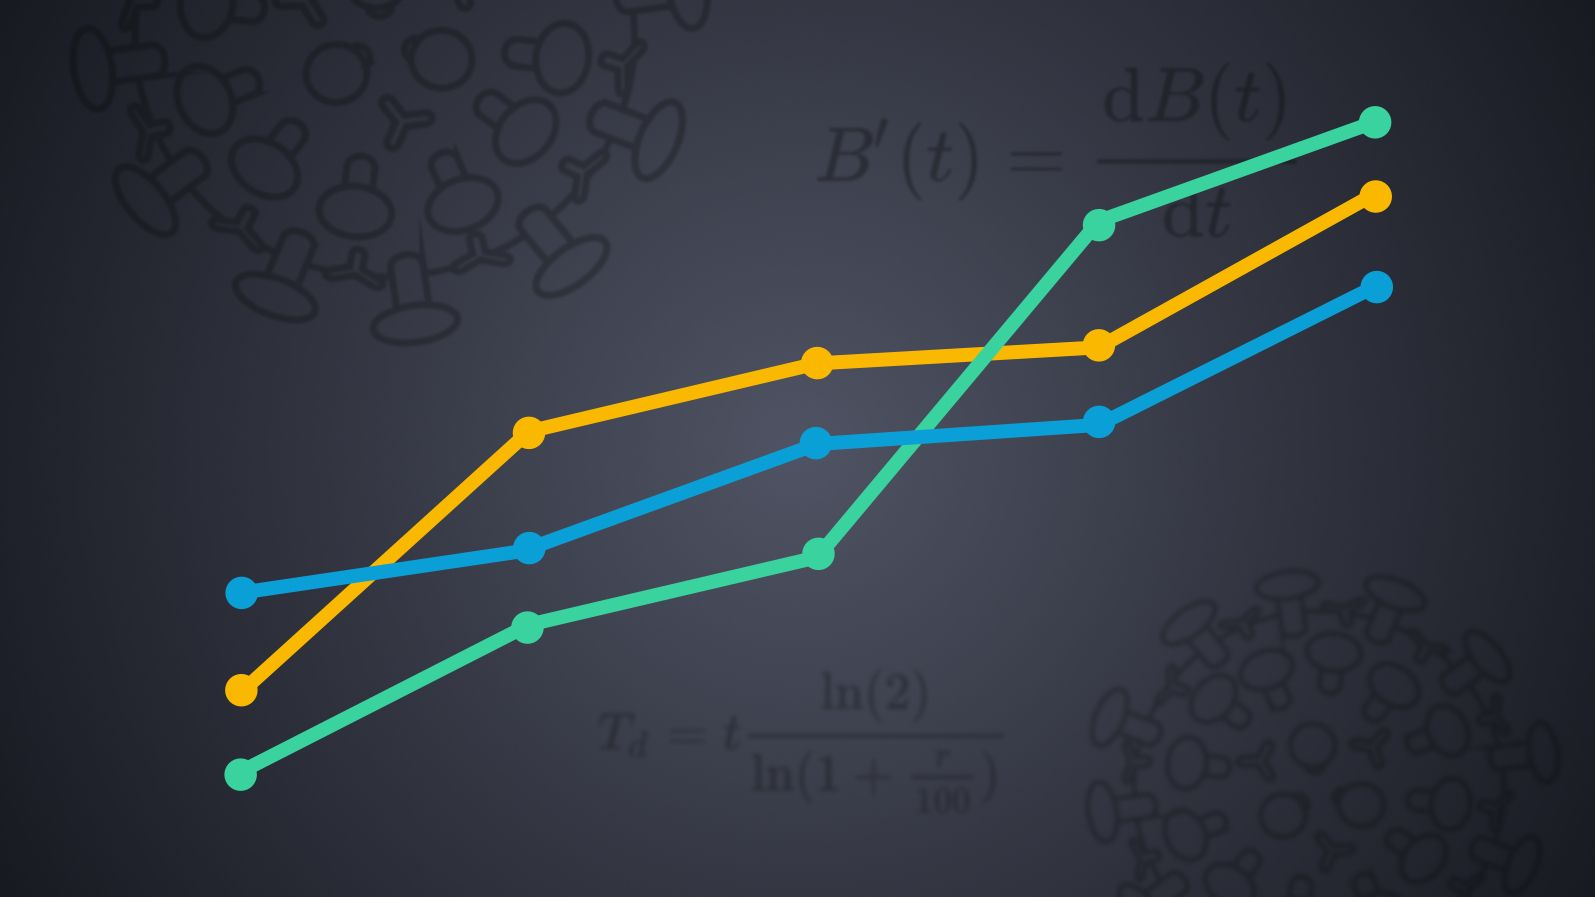 Symbolbild Statistik: Bunten Kurven und Formeln